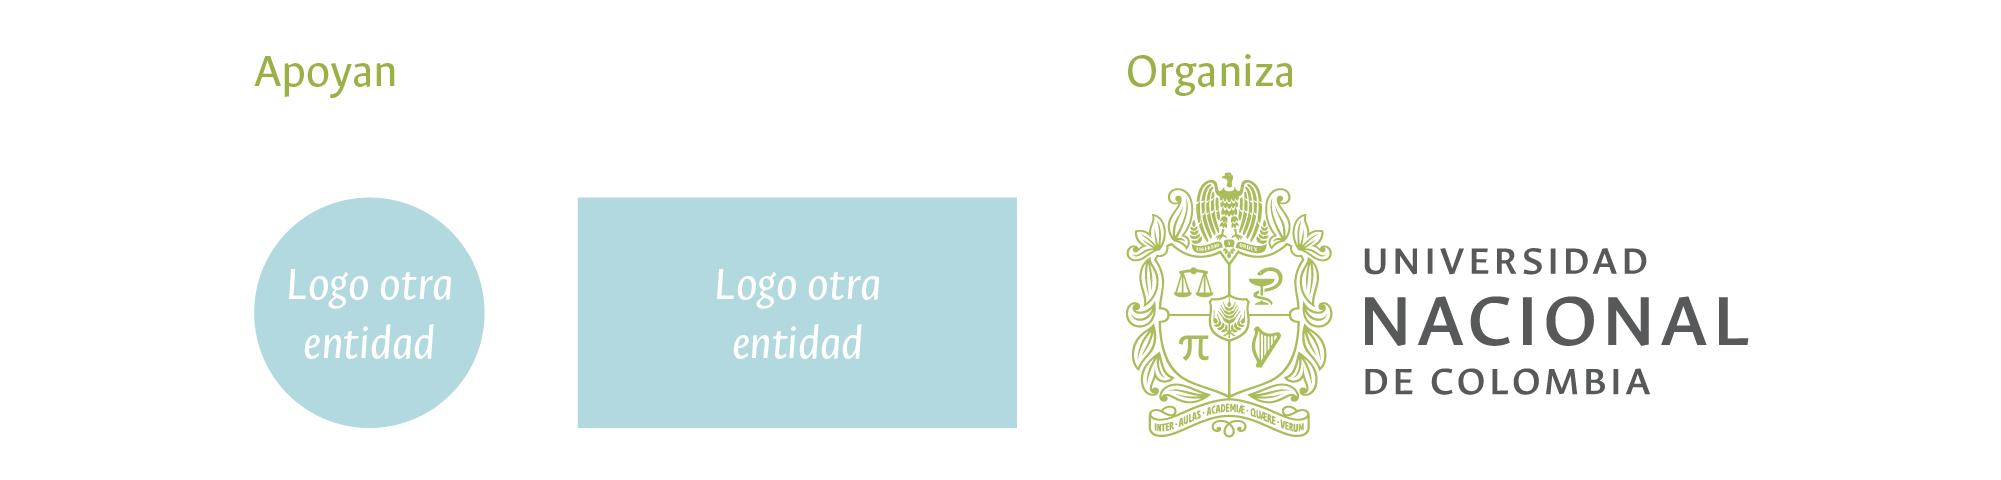 Modelo de aplicación del logosímbolo en co-branding.